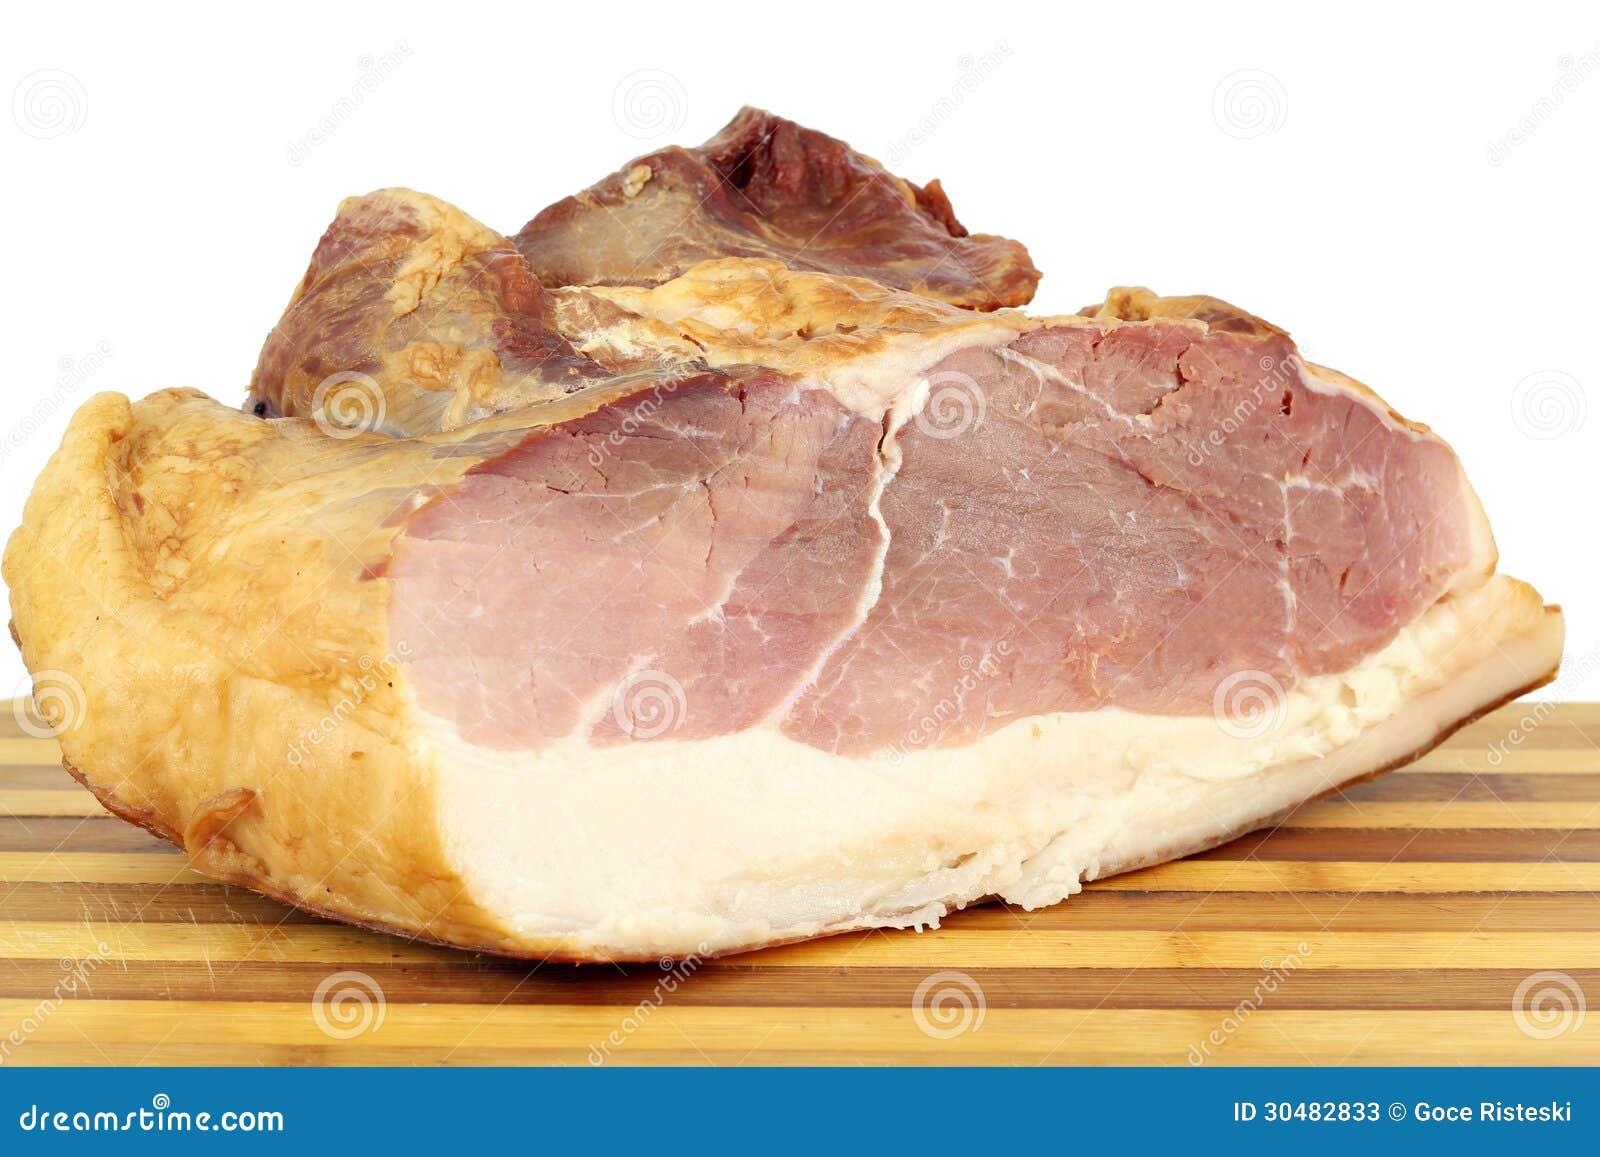 ham brawn yummy - photo #12